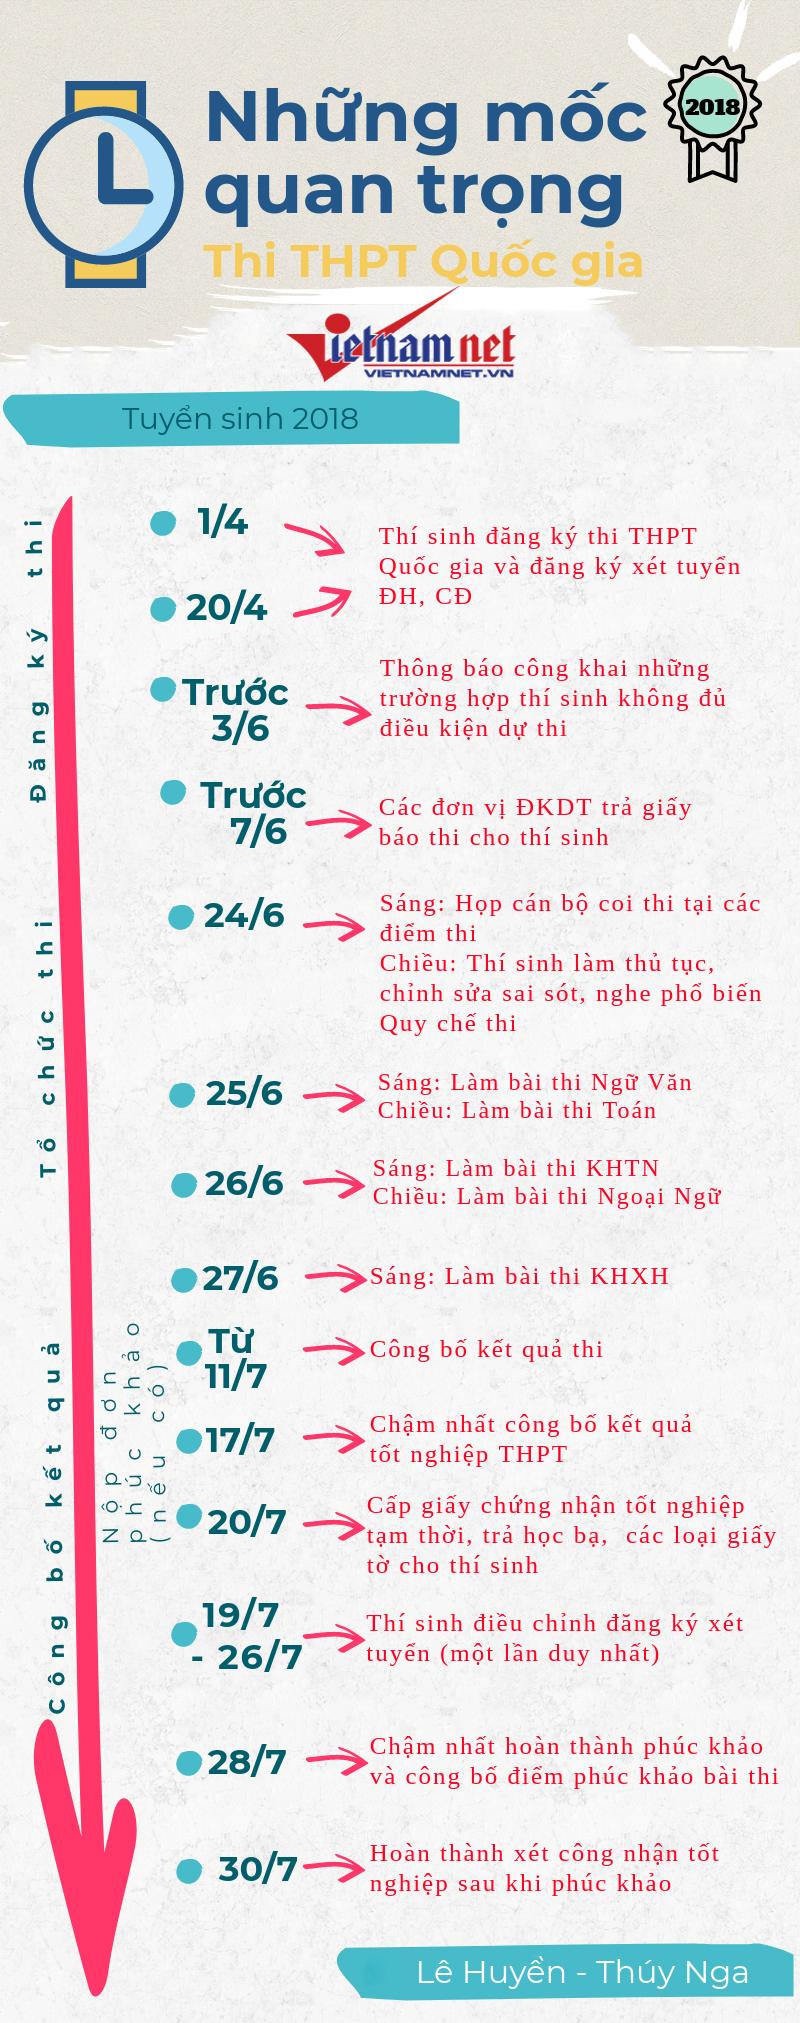 Những mốc thời gian thi THPT quốc gia 2018 (Nguồn vietnamnet.vn)